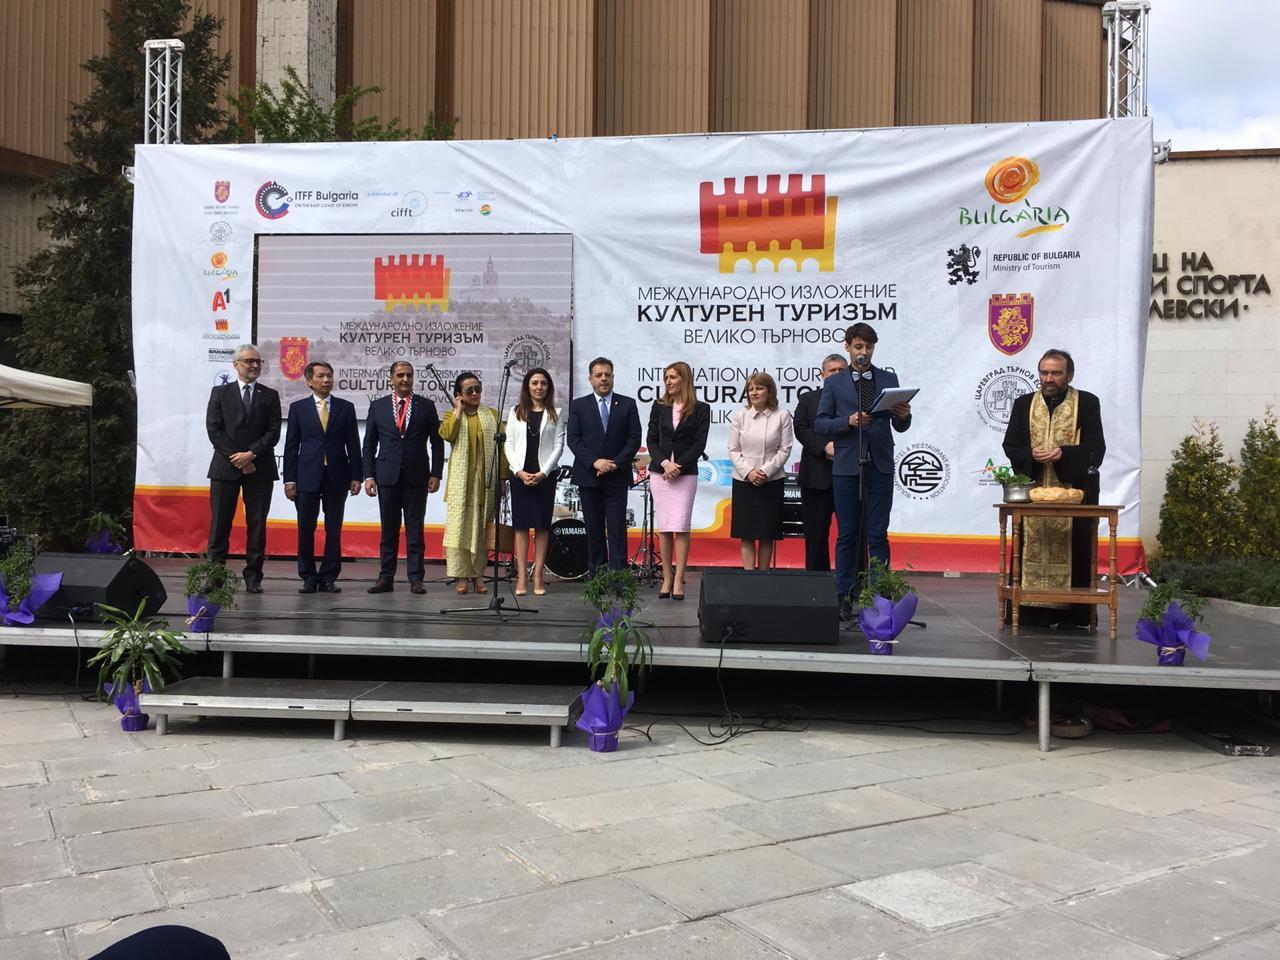 На международной туристической выставки «Культурный туризм 2019» в Болгарии